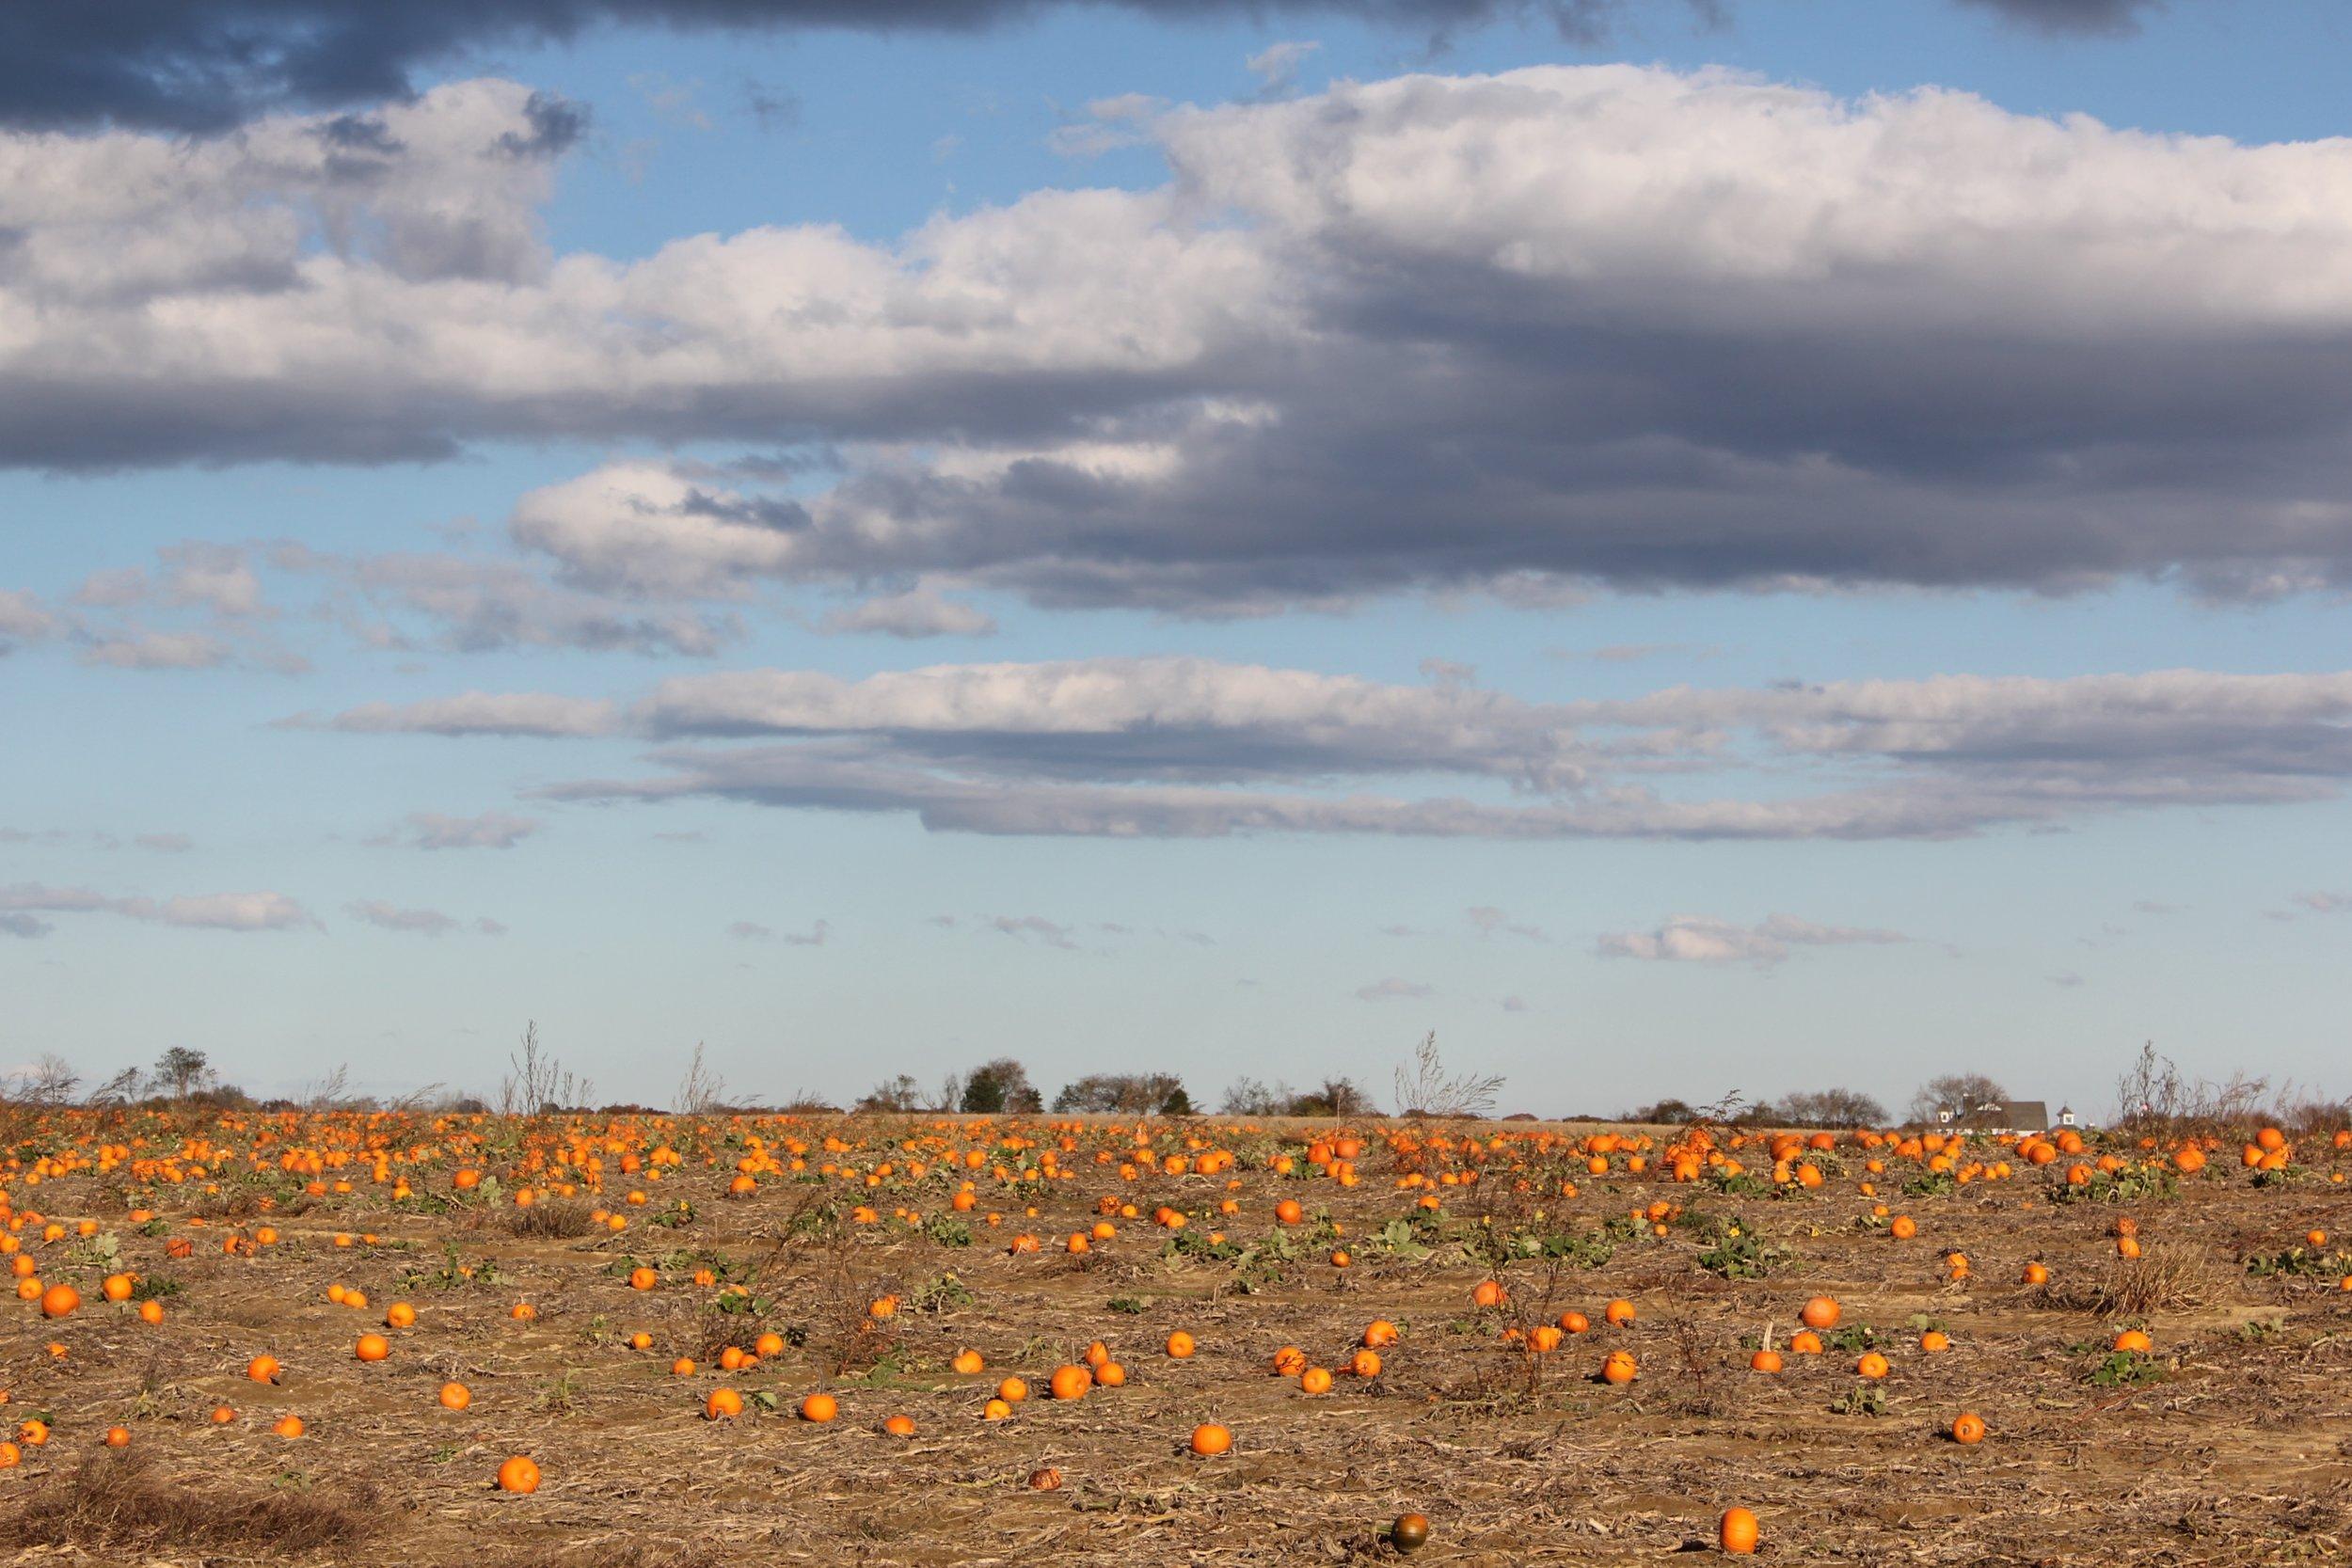 Fall pumpkins ready for Halloween!